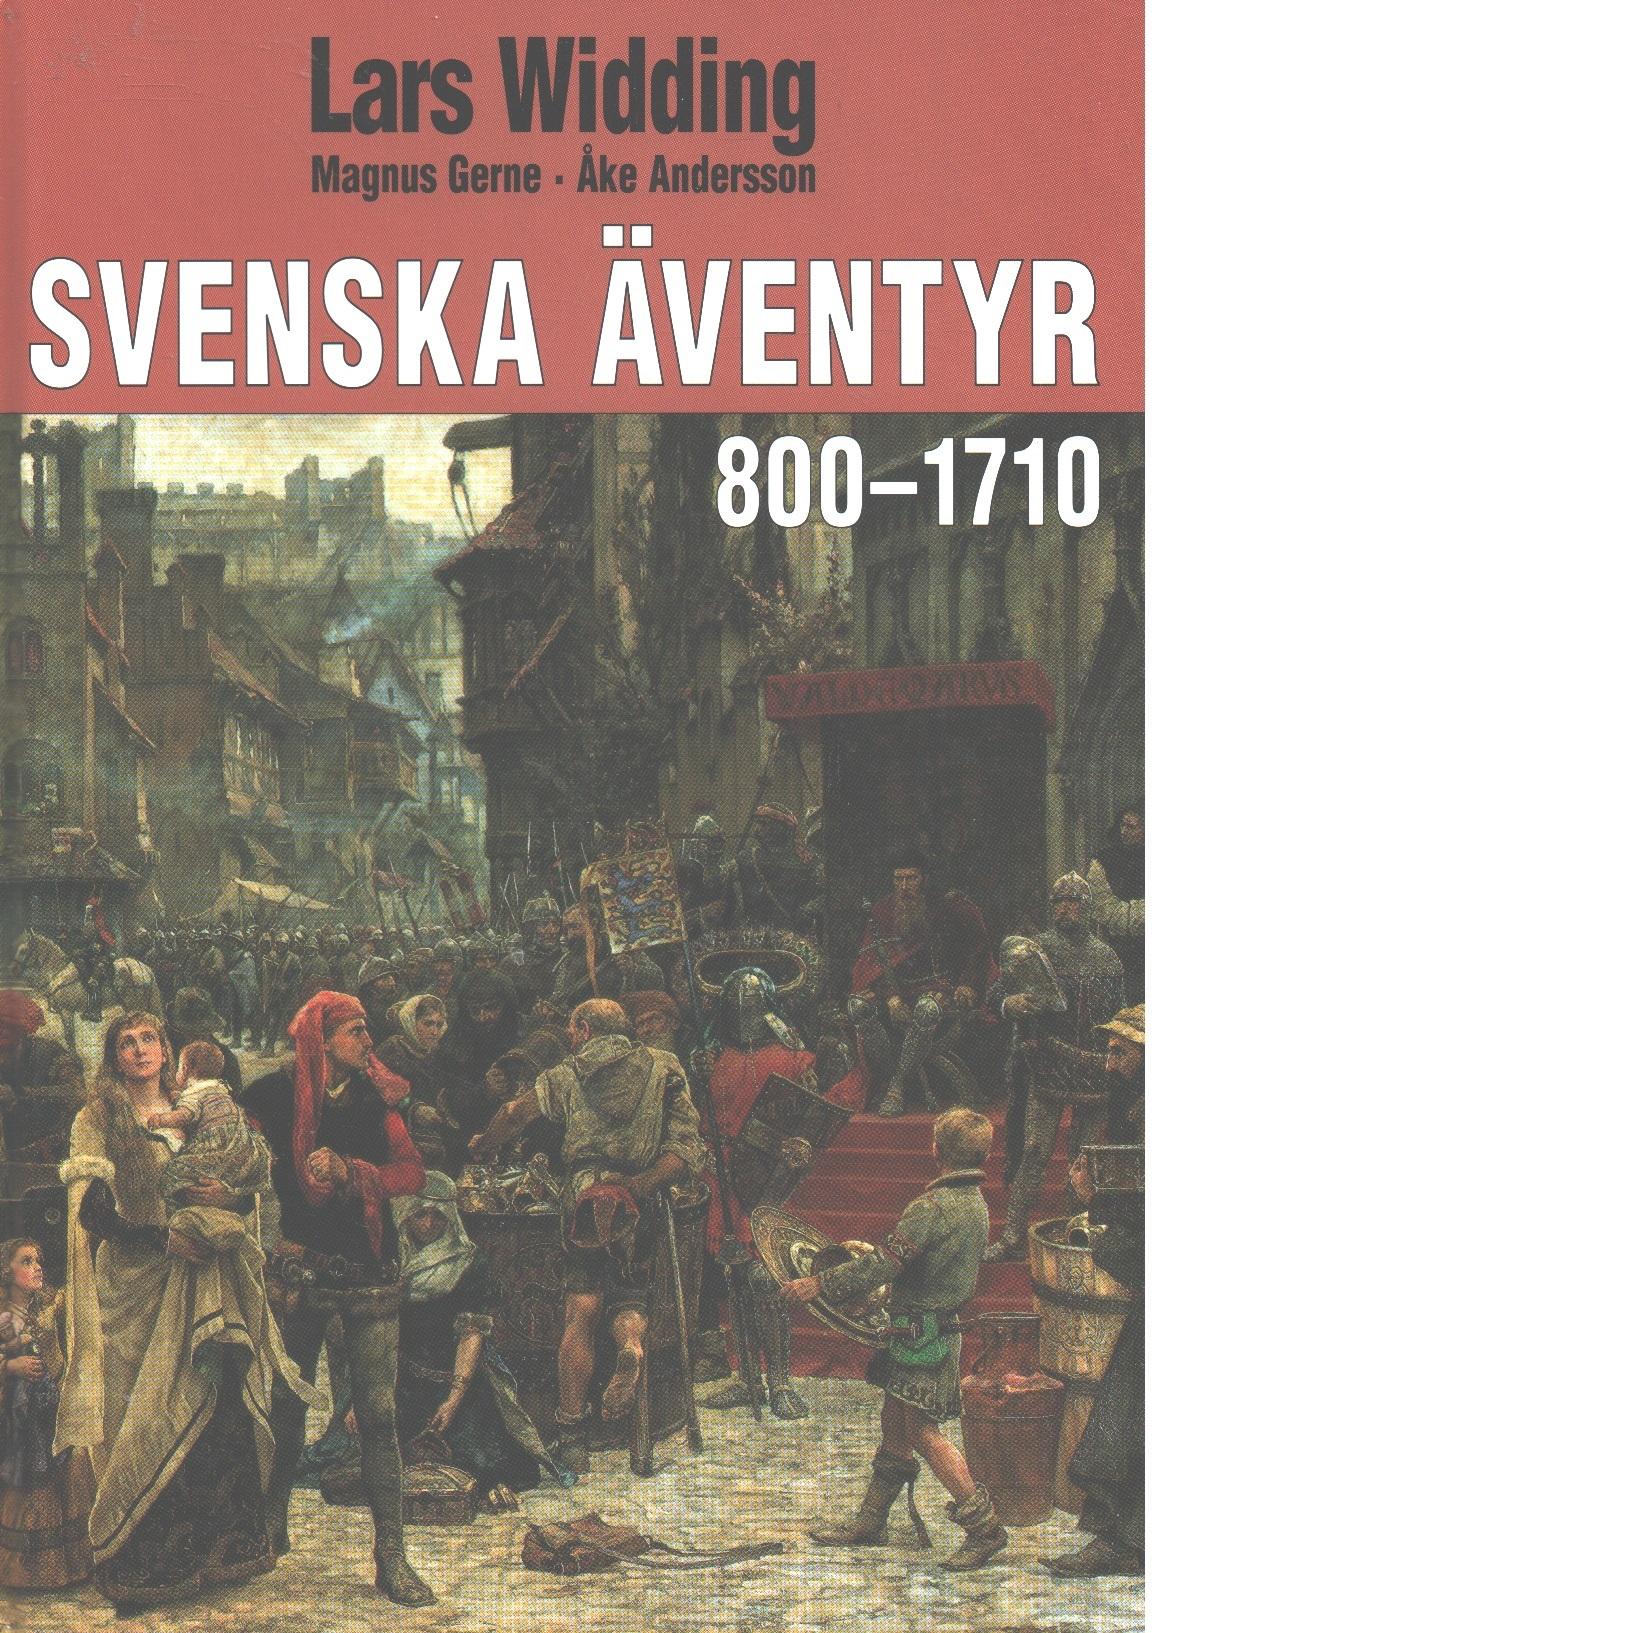 Svenska äventyr. [1], [800-1710] - Widding, Lars och Gerne, Magnus, samt Andersson, Åke